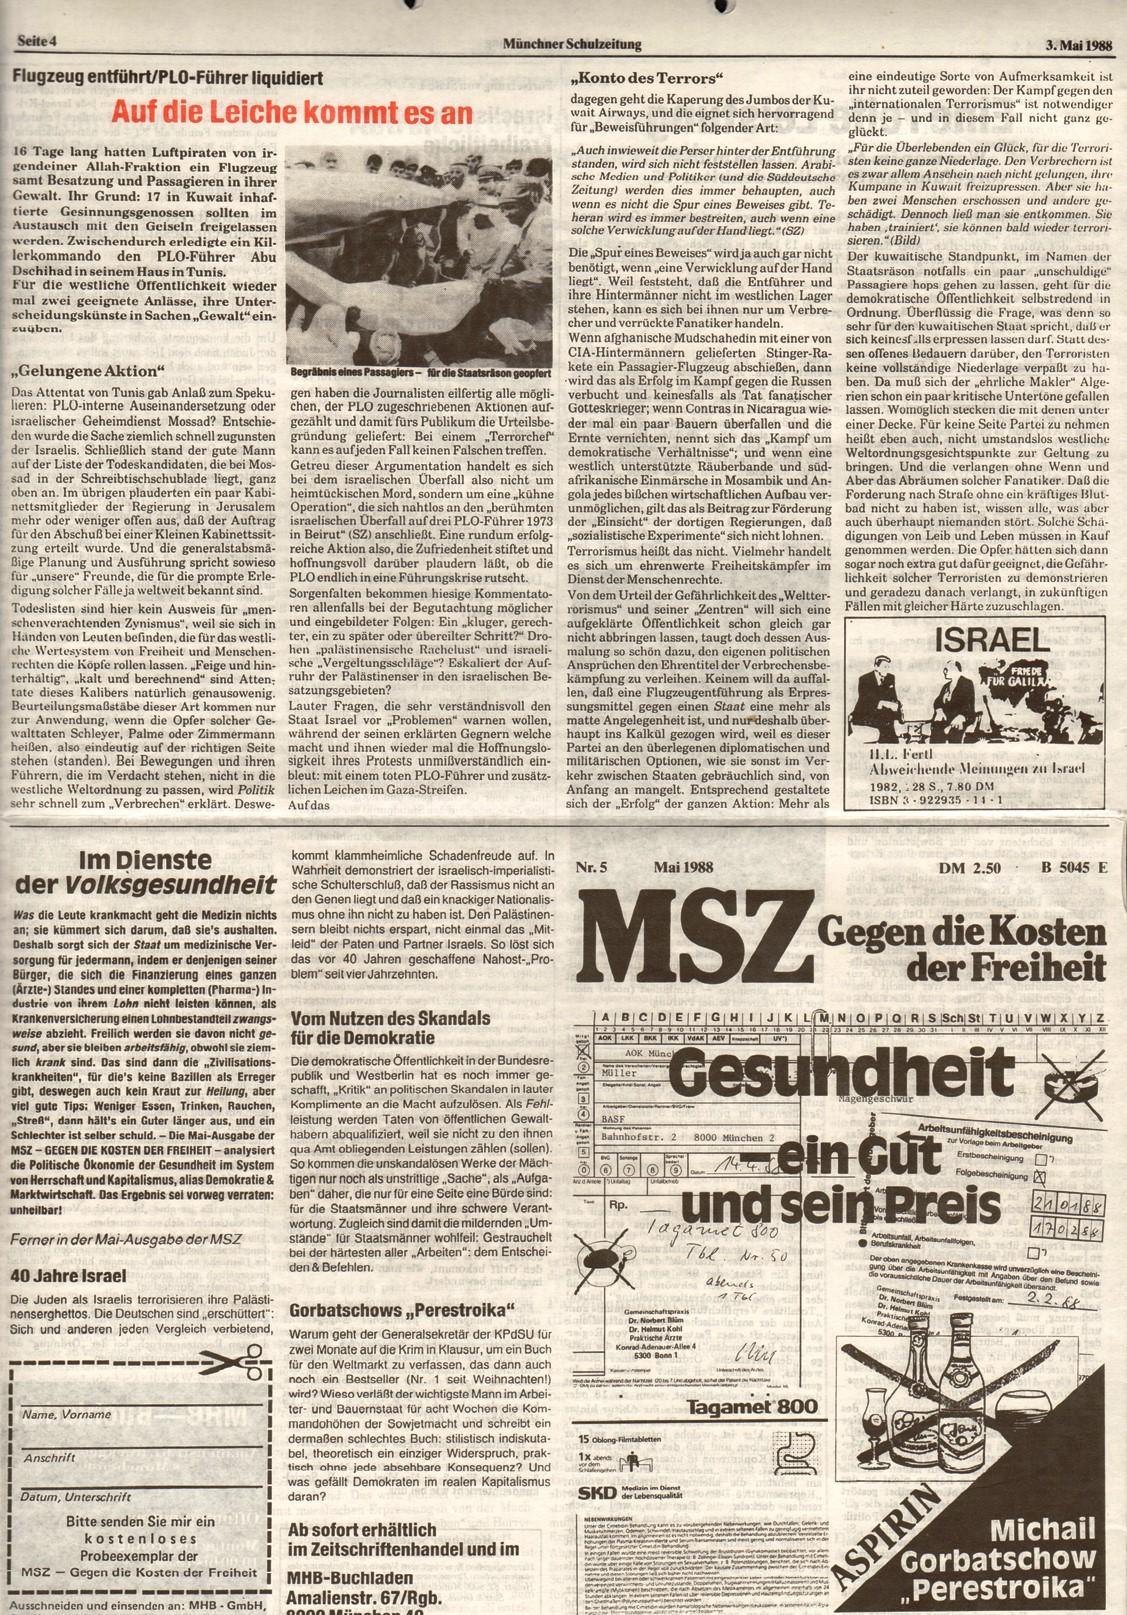 Muenchen_MG_Schulzeitung_19880503_04